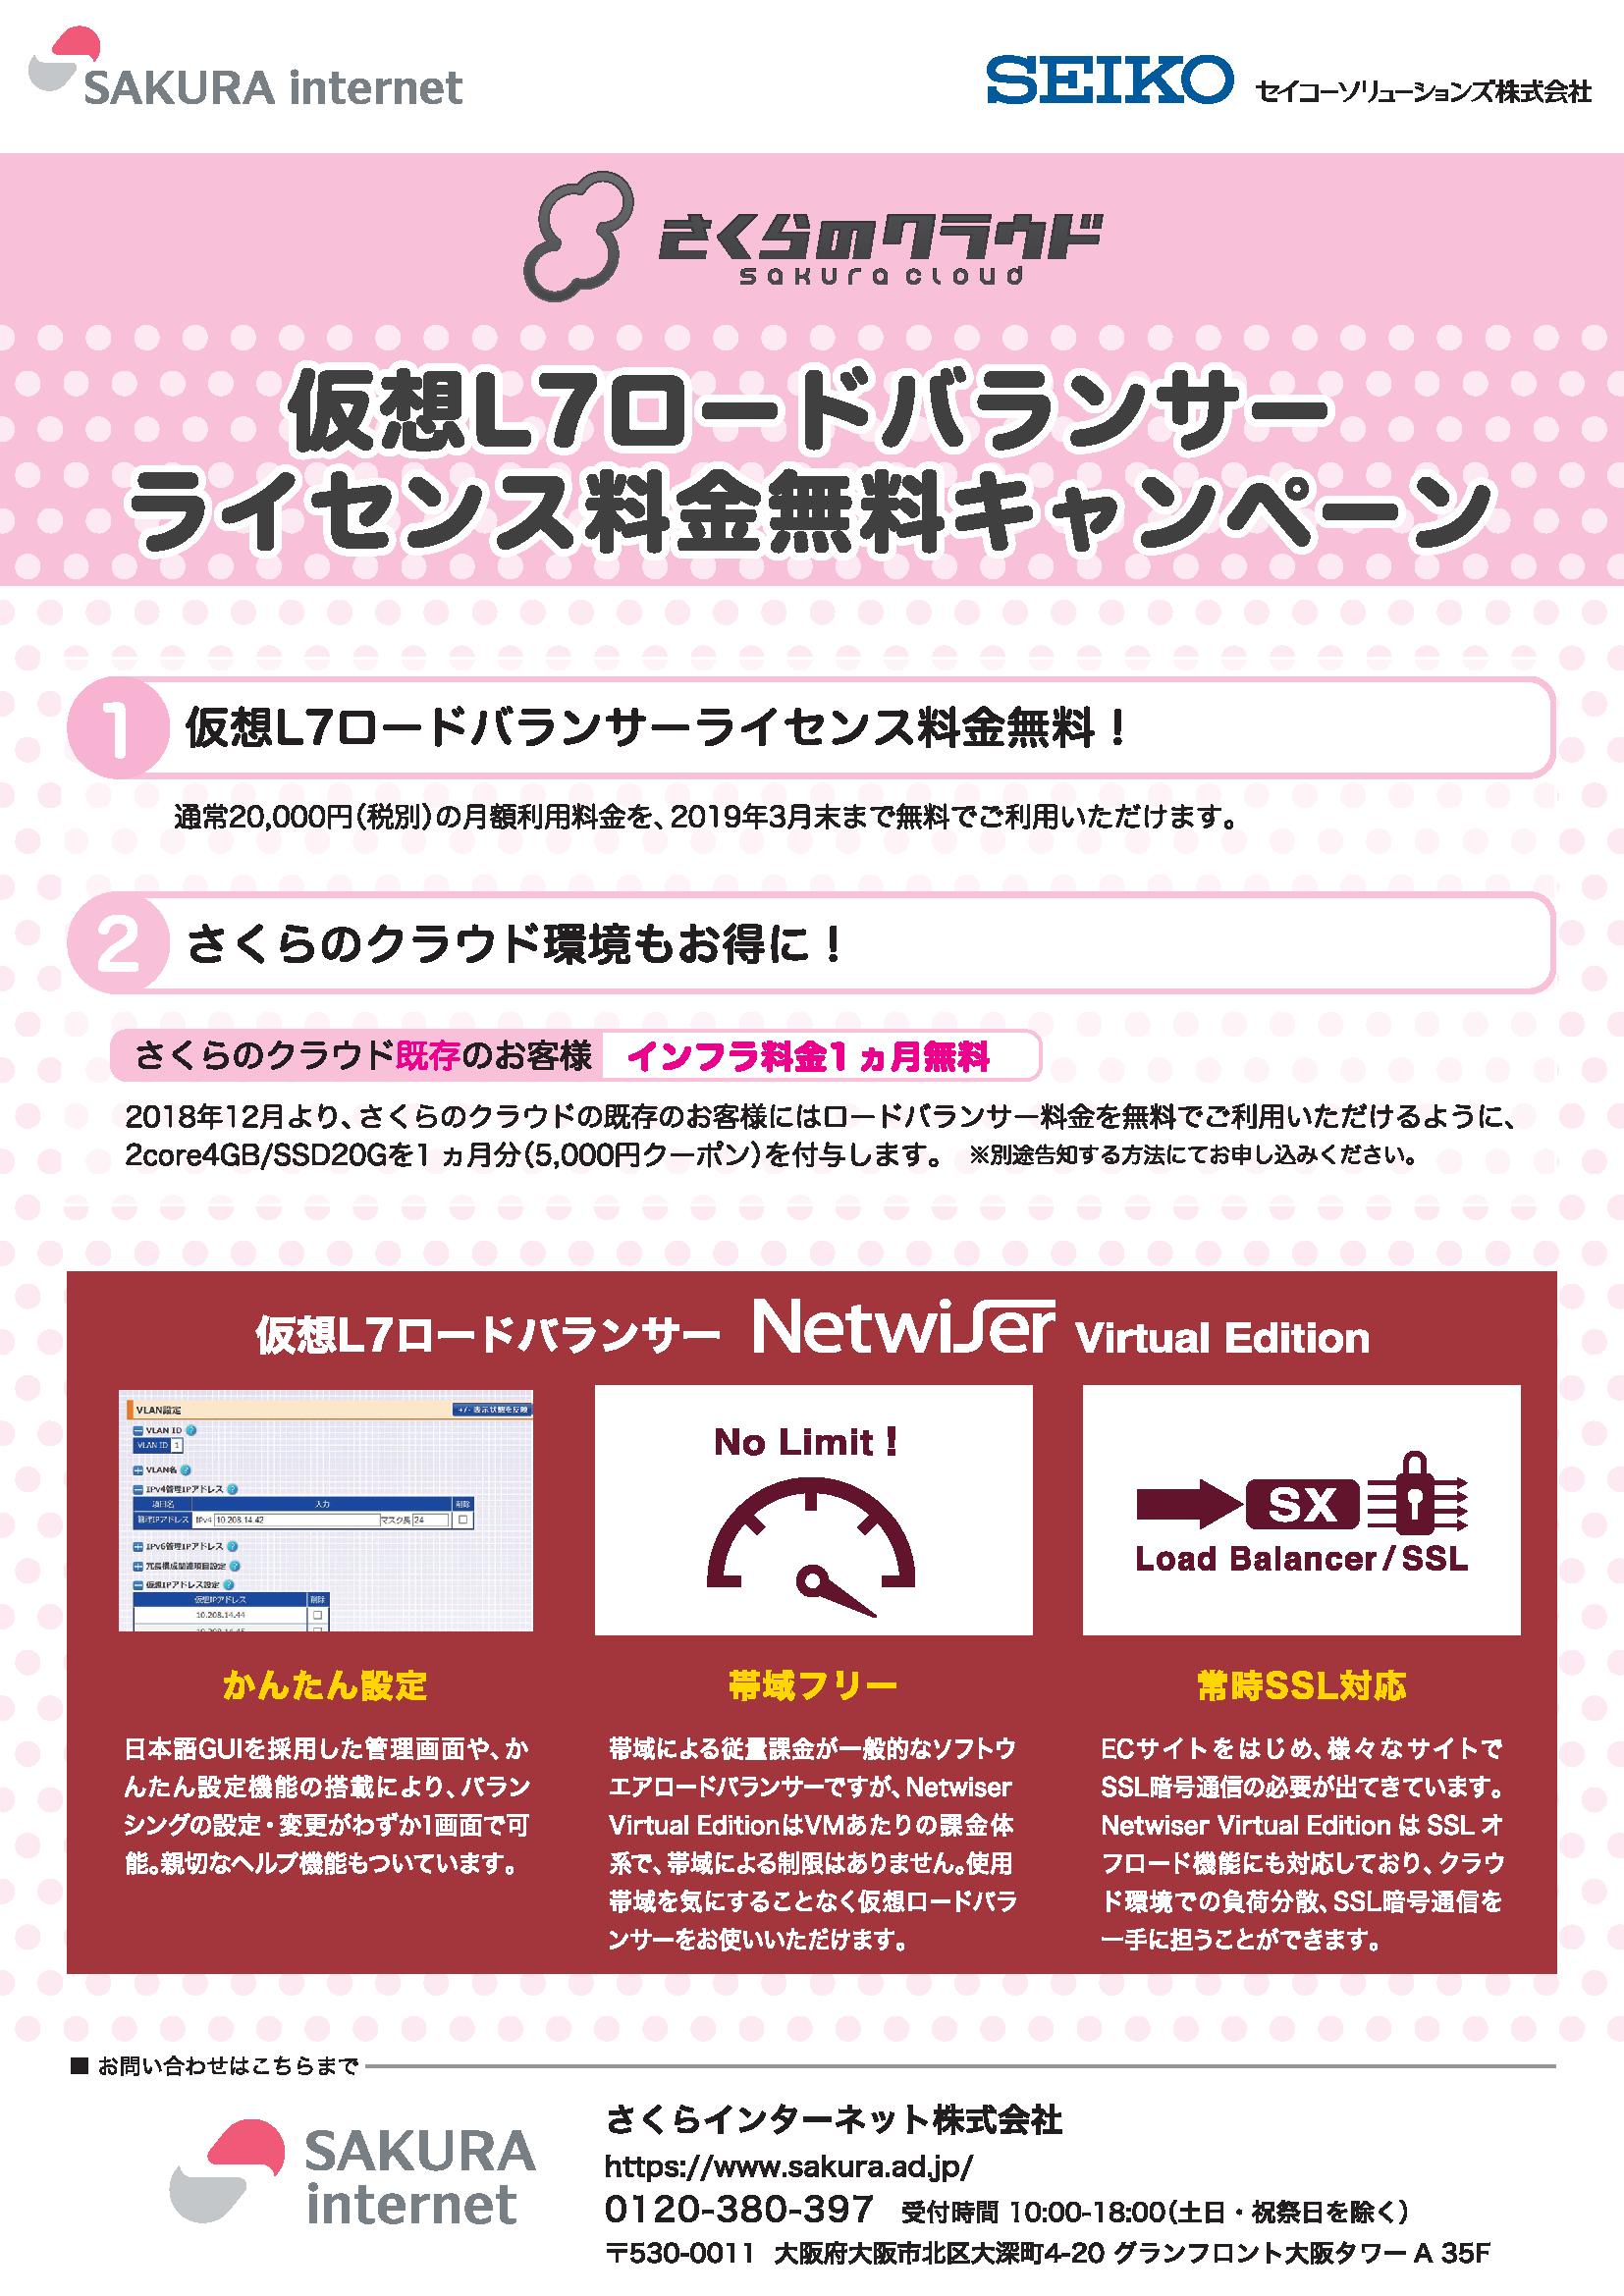 【期間限定】Netwiser Virtual Editionお試しキャンペーン<br>~第2弾 5,000円分のクラウドクーポンプレゼント~